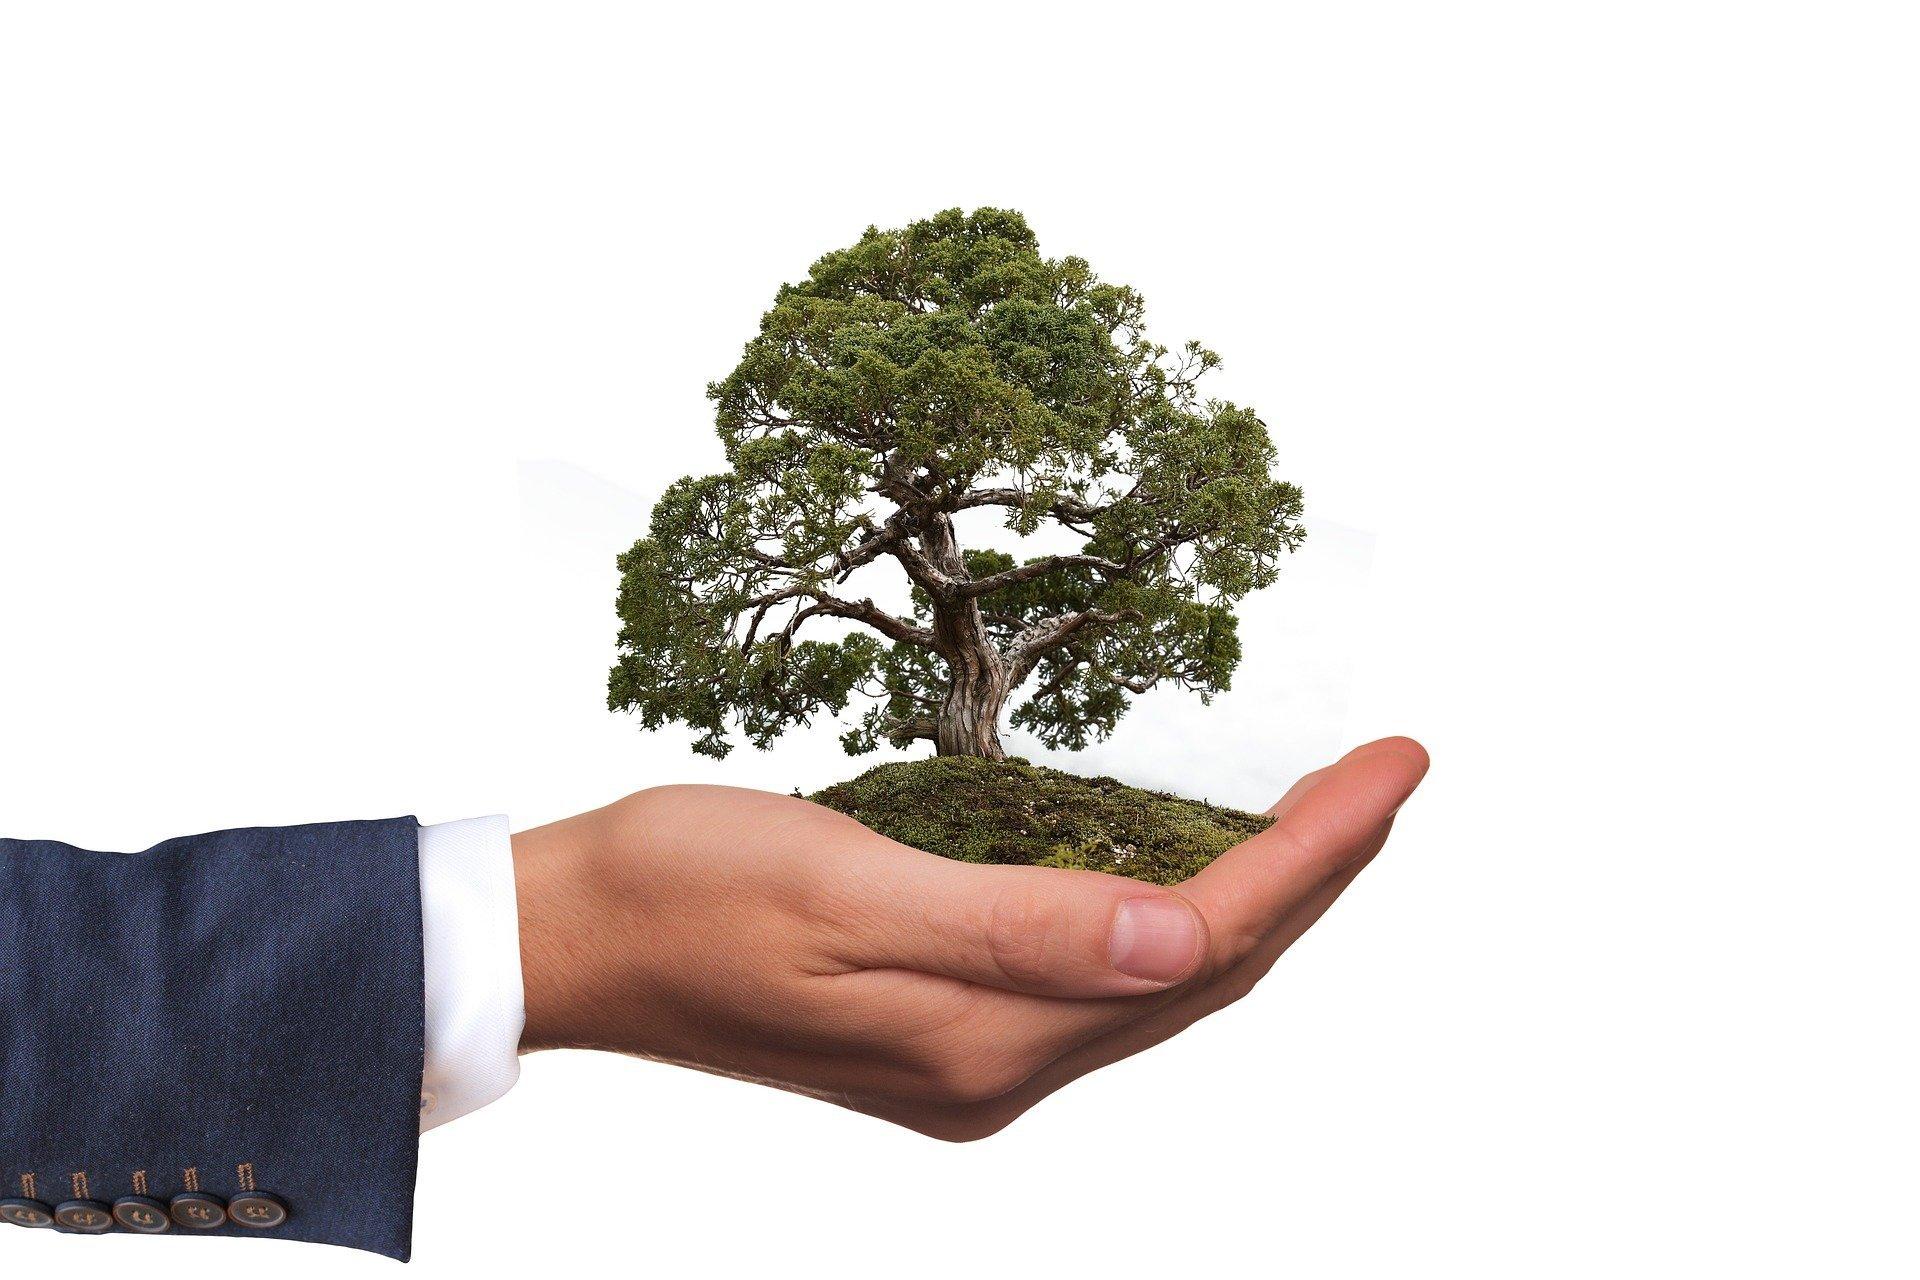 Корпорация Henkel за 10 лет улучшила показатели в области устойчивого развития